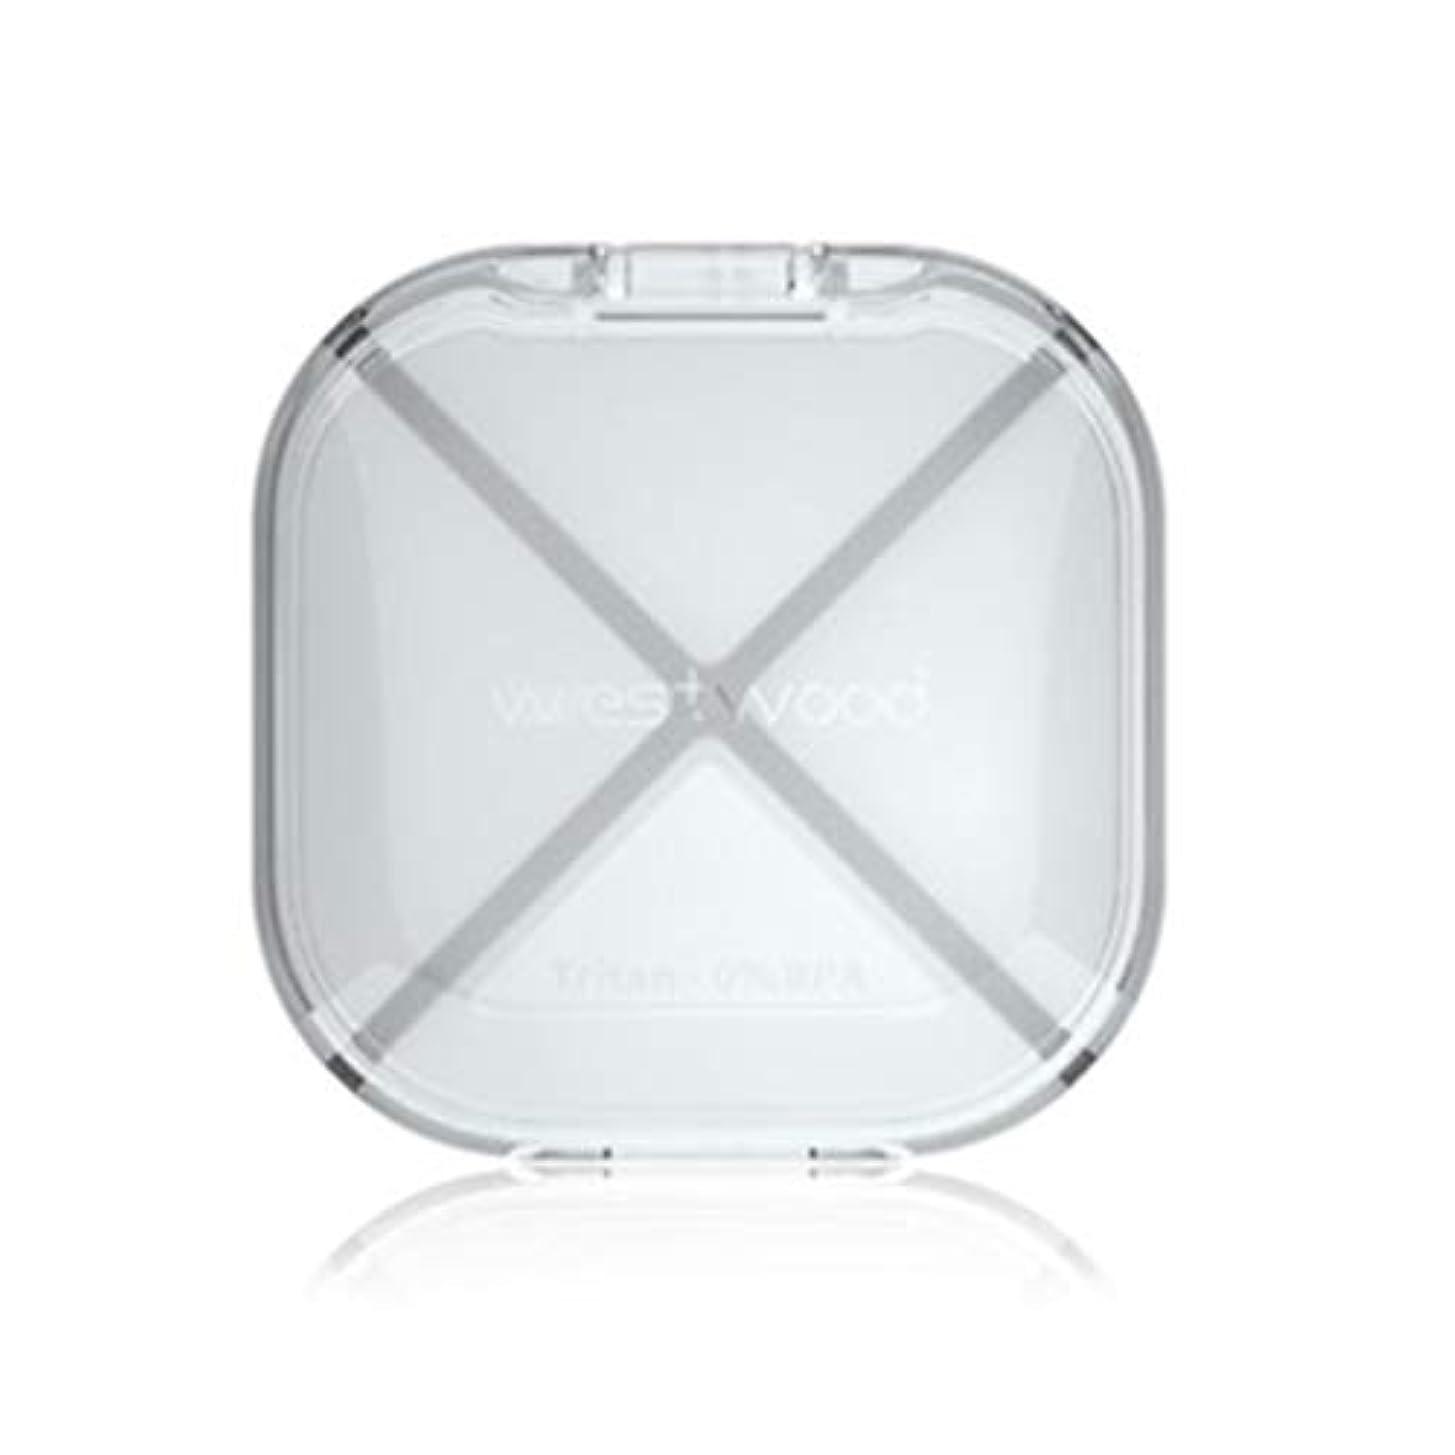 管理者麻痺あなたは緊急用バッグ ポータブルピルボックス密閉ピル収納装置ミニピル収納ボックス/黒、白、ピンク、赤 HMMSP (Color : White)